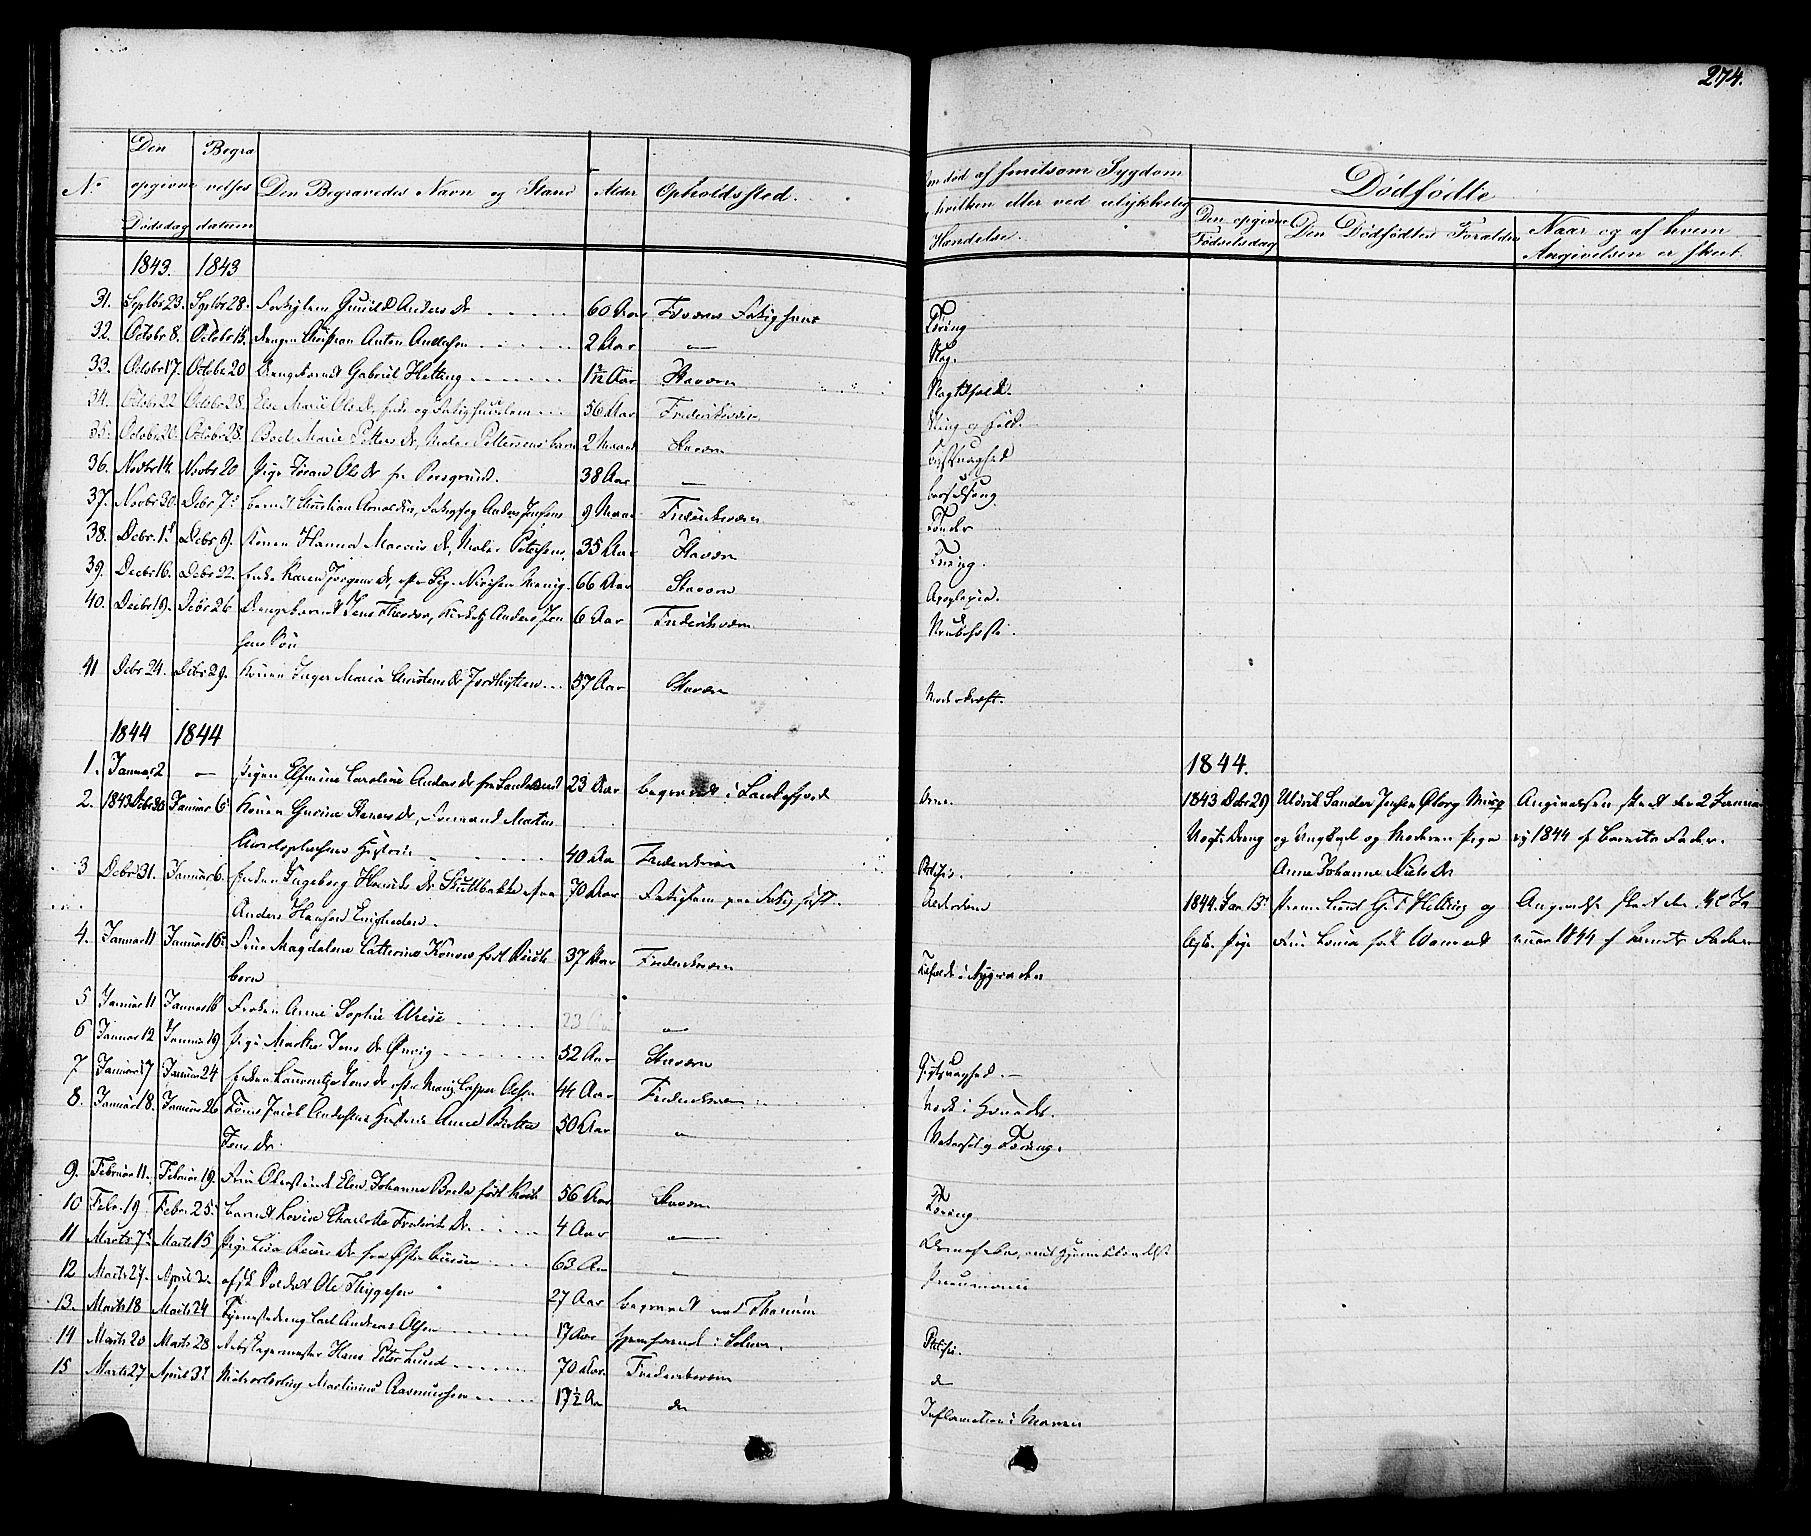 SAKO, Stavern kirkebøker, F/Fa/L0007: Ministerialbok nr. 7, 1840-1877, s. 274